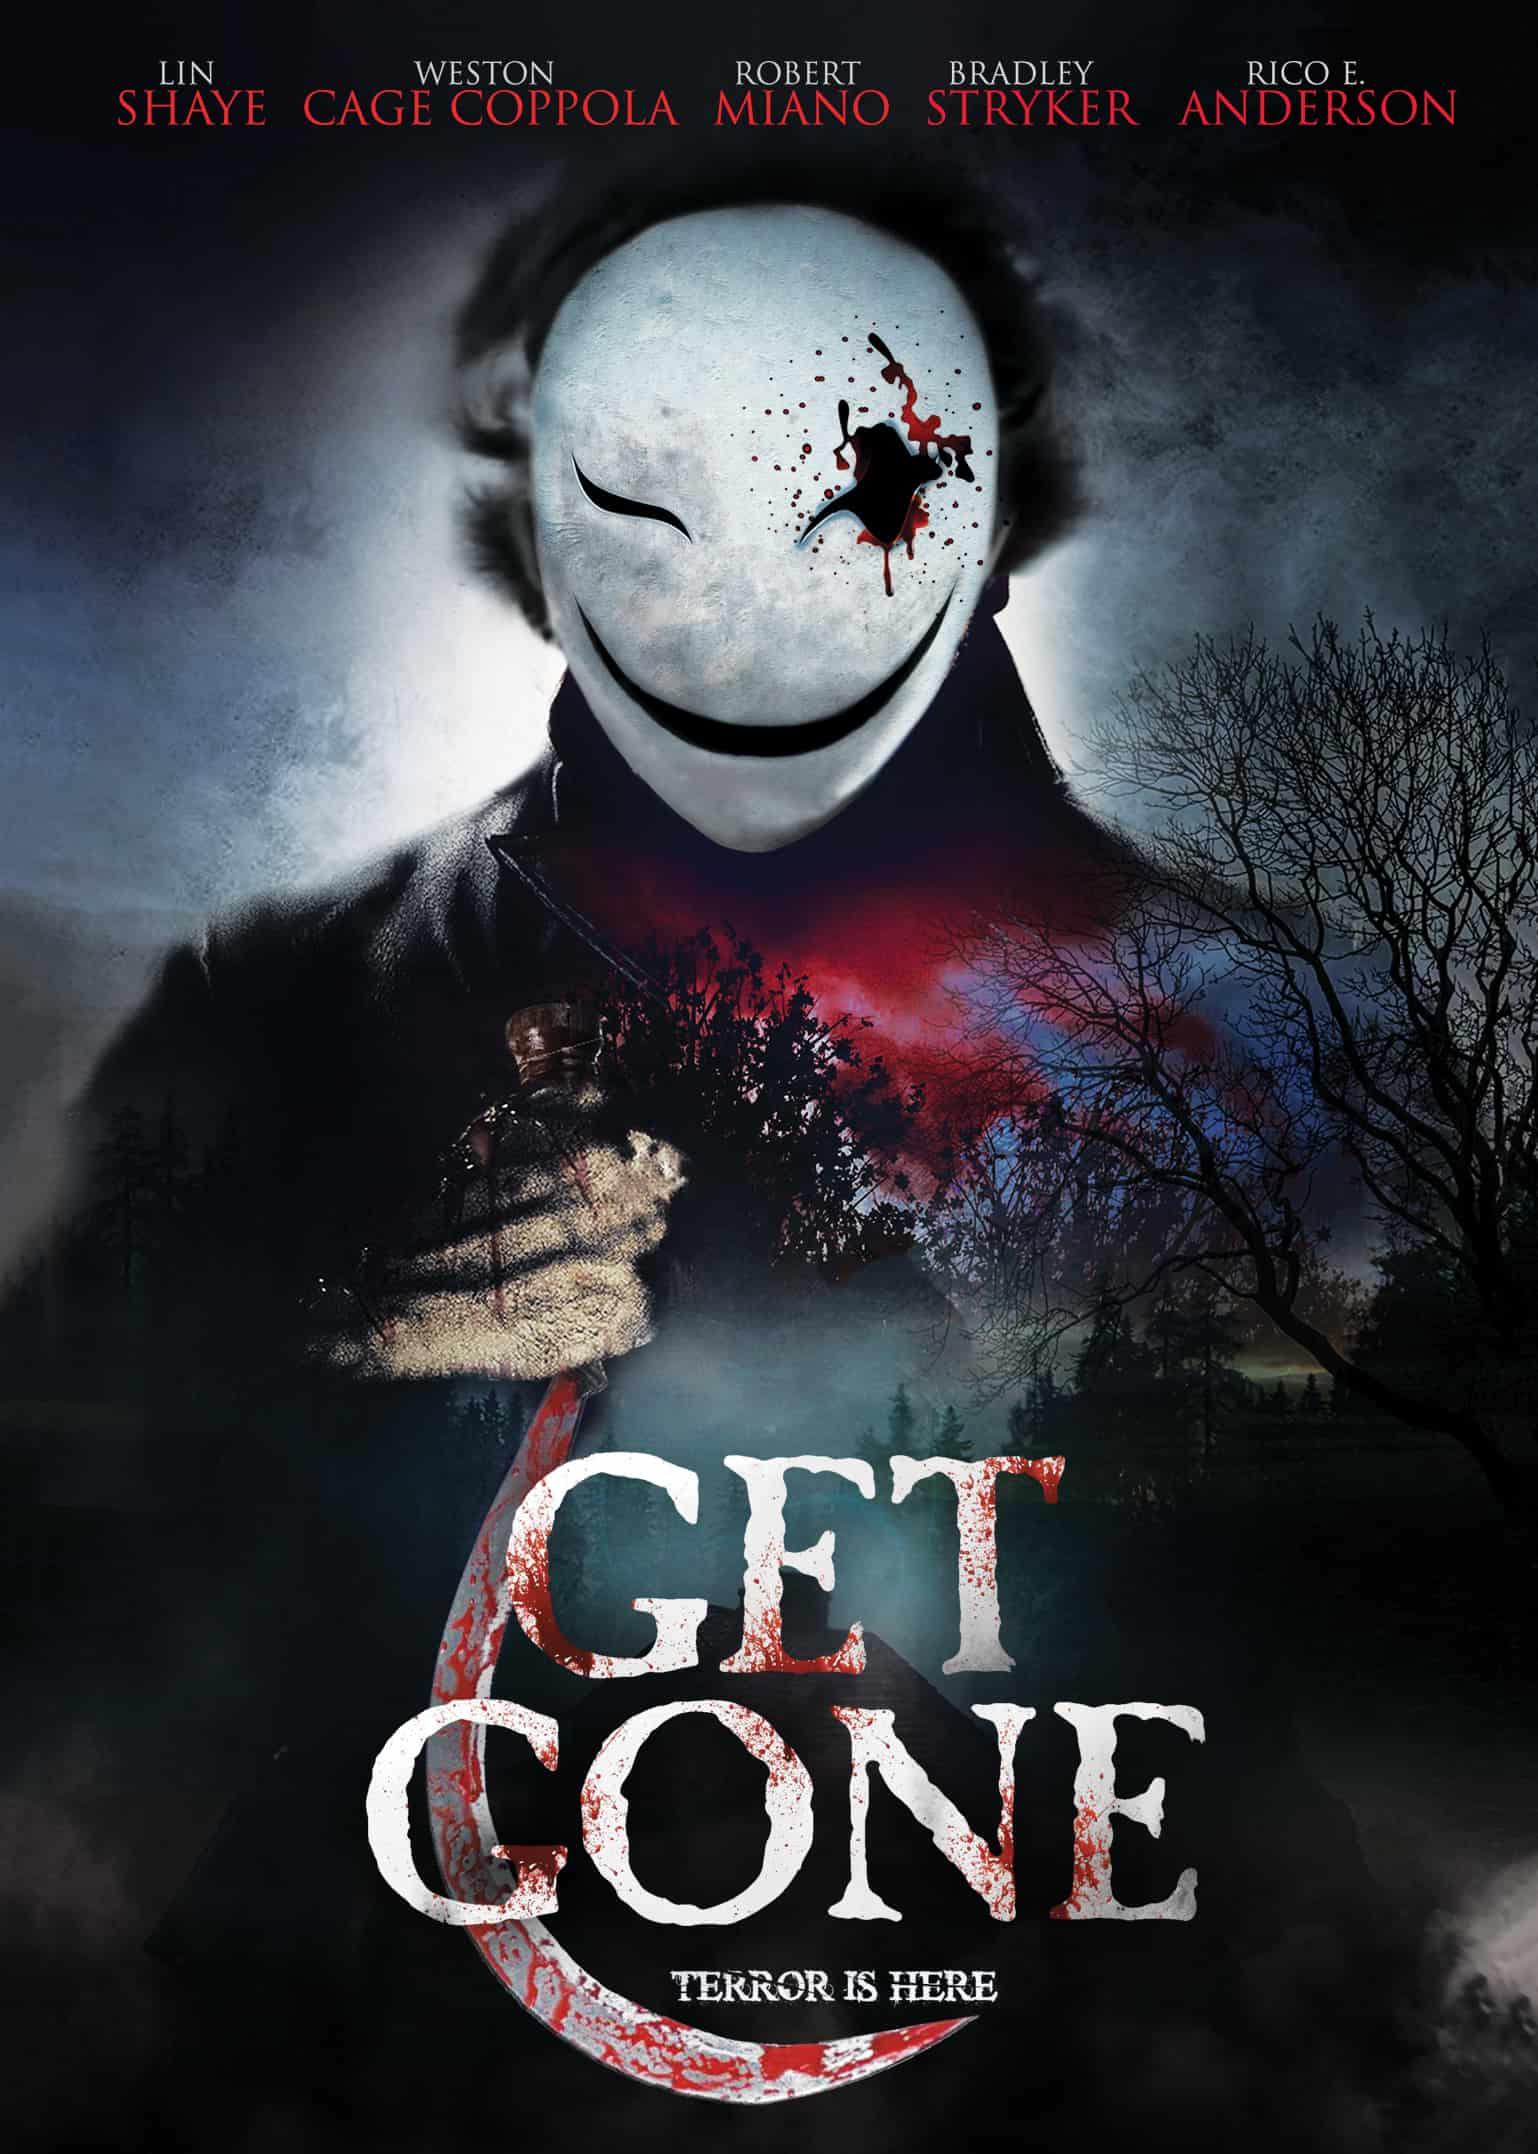 Get Gone Indie DVD bonanza